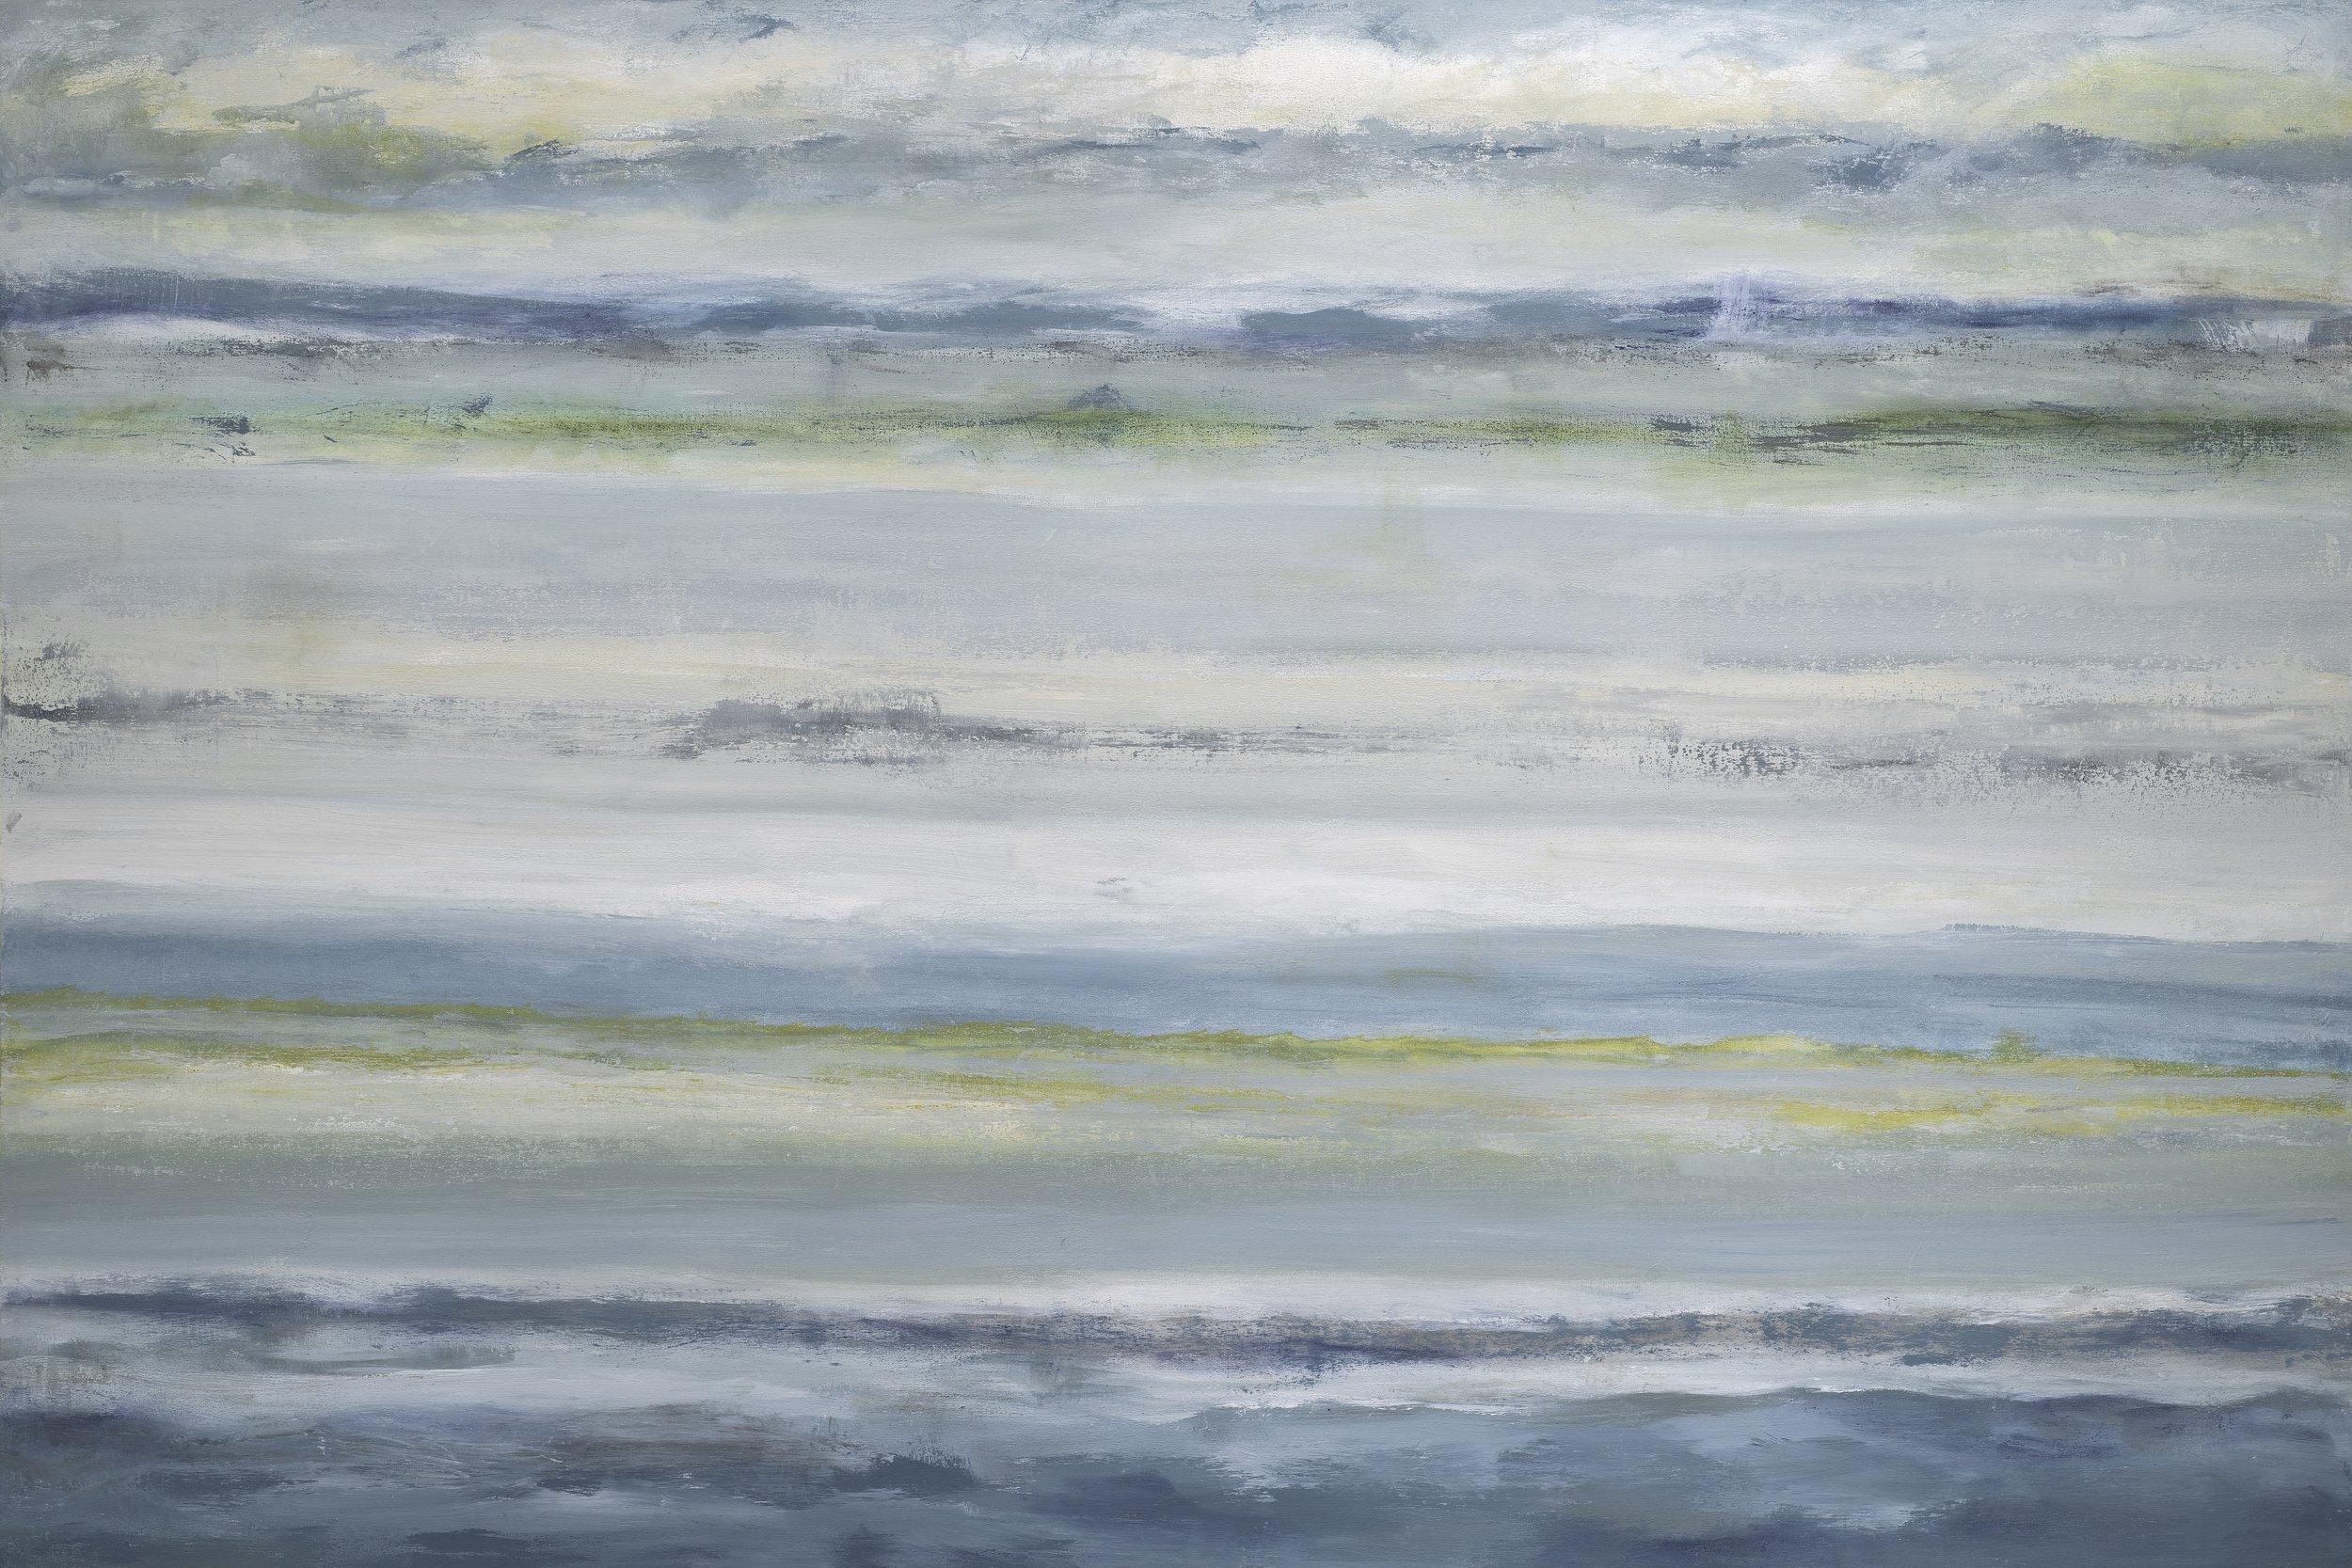 """""""Carmel River Beach Series"""" - 48 x 72"""""""